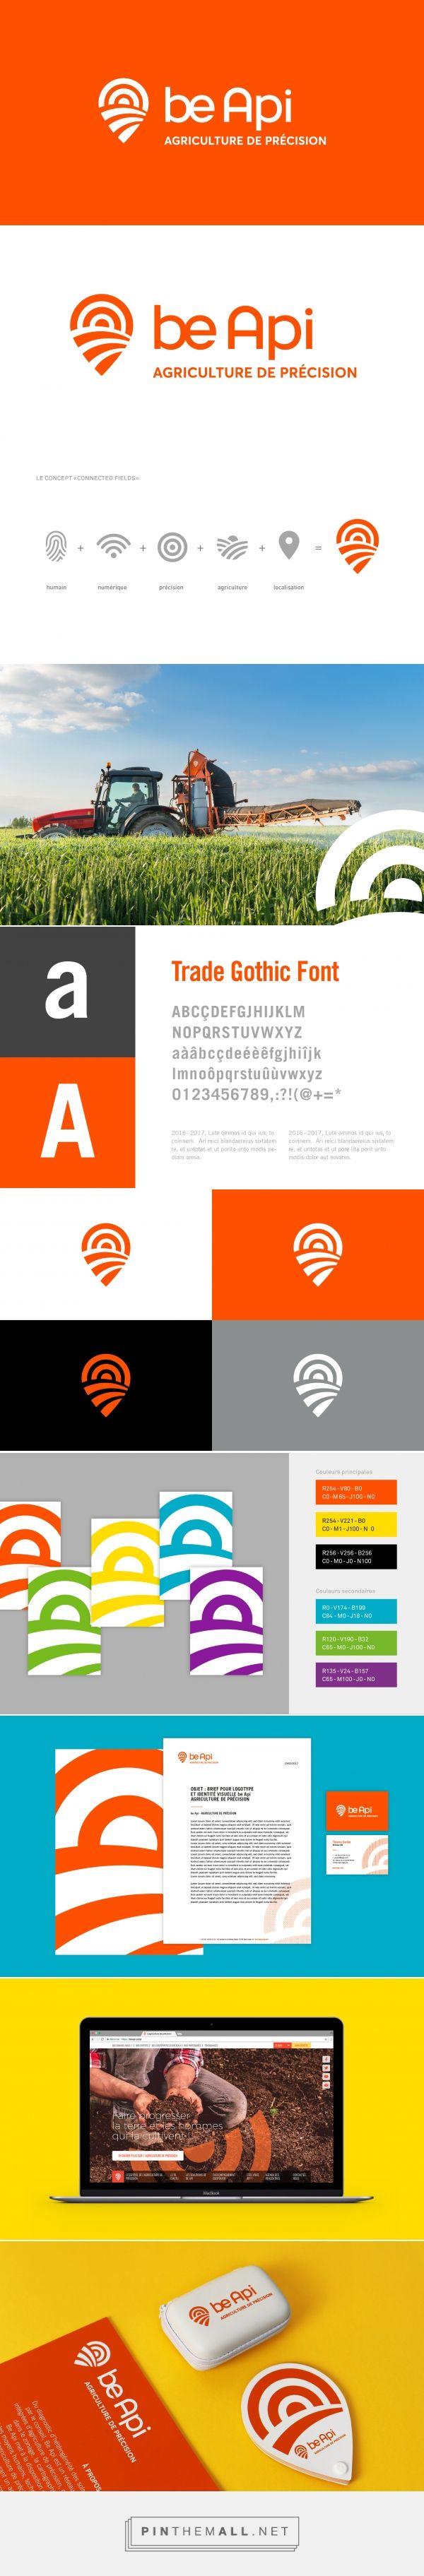 Be API, agriculture de précision - Graphéine - Agence de communication Paris Lyon - created via https://pinthemall.net